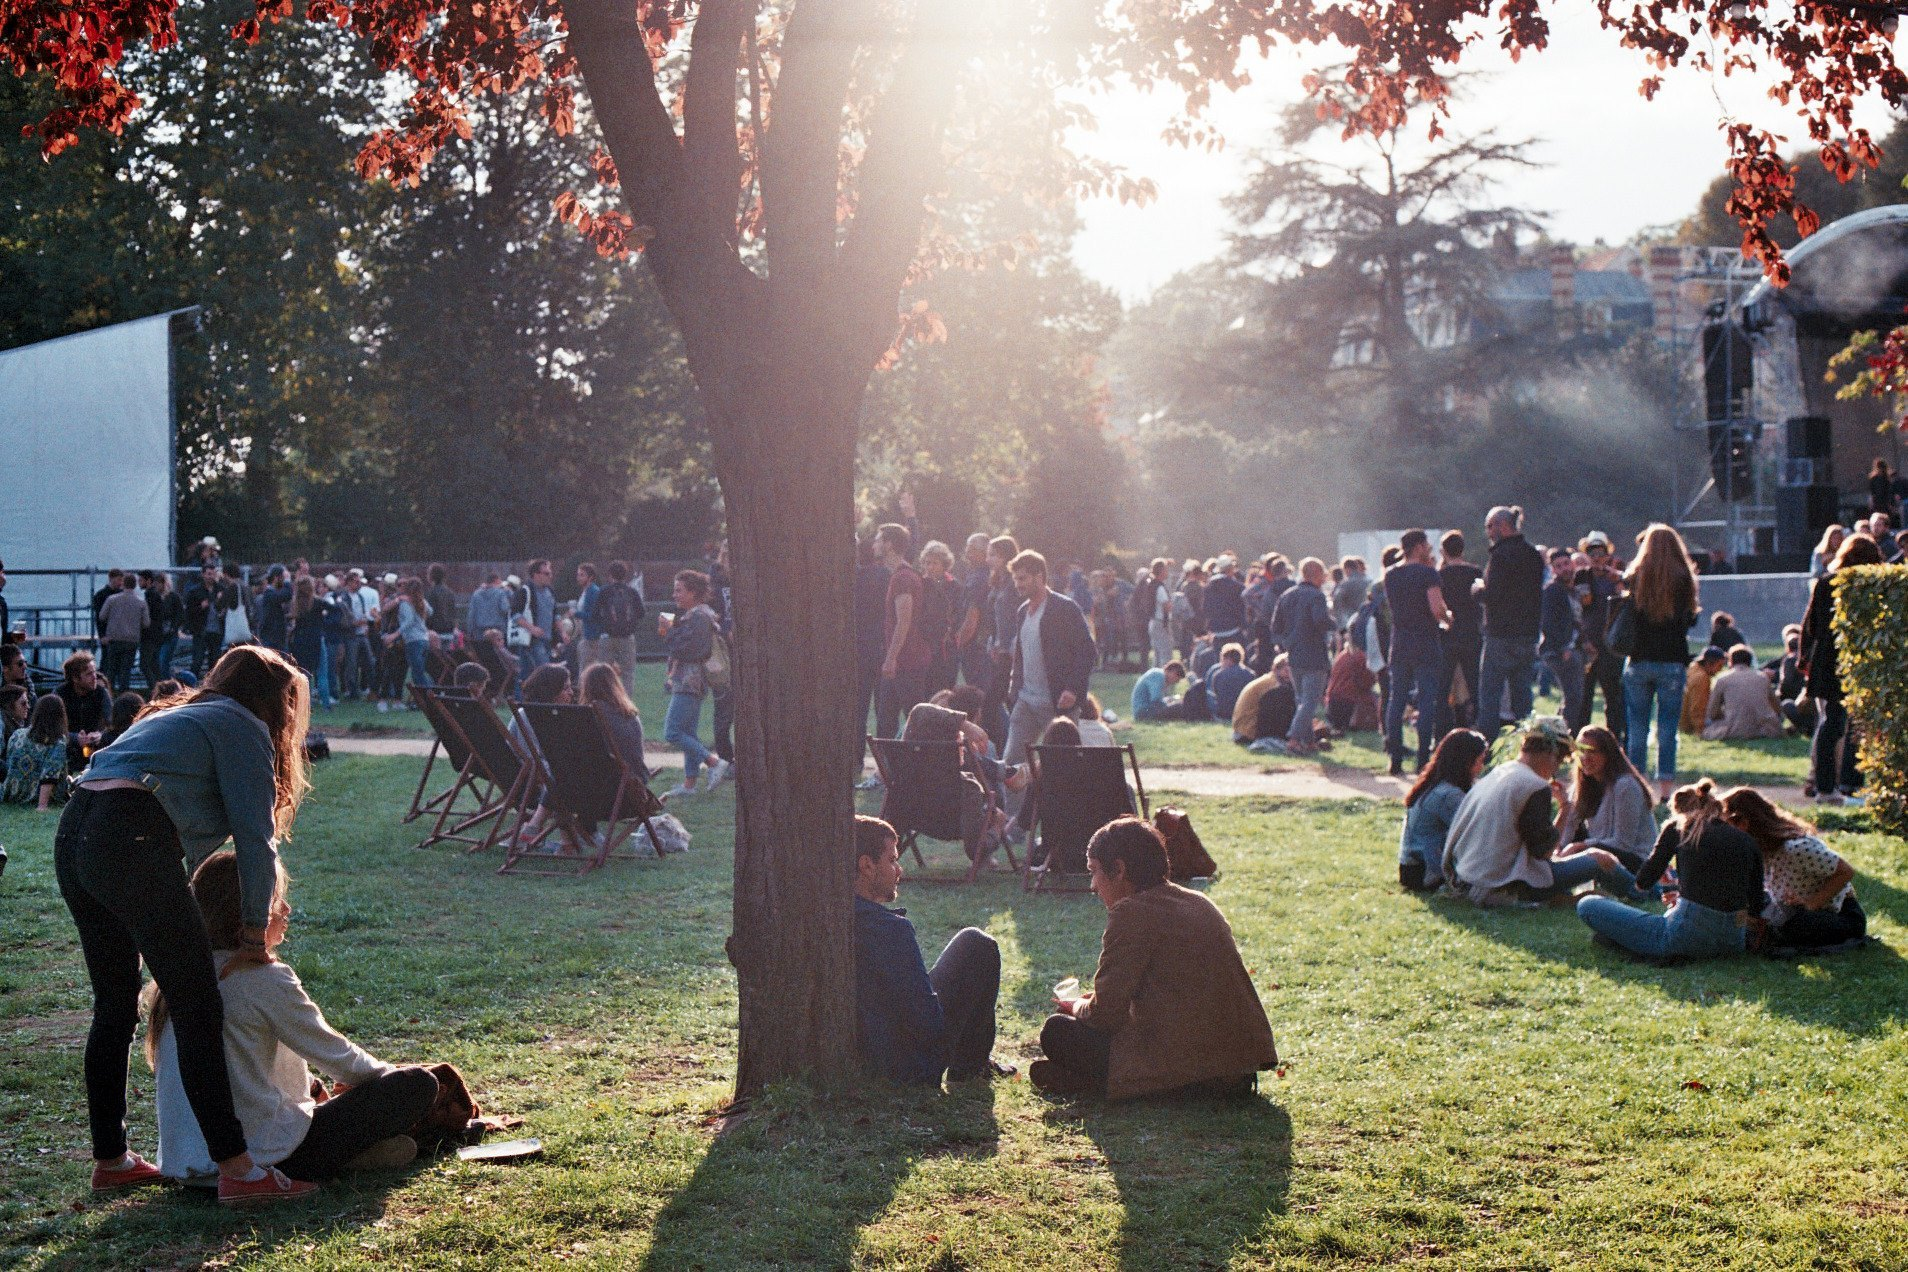 Les festivals de musique à Paris